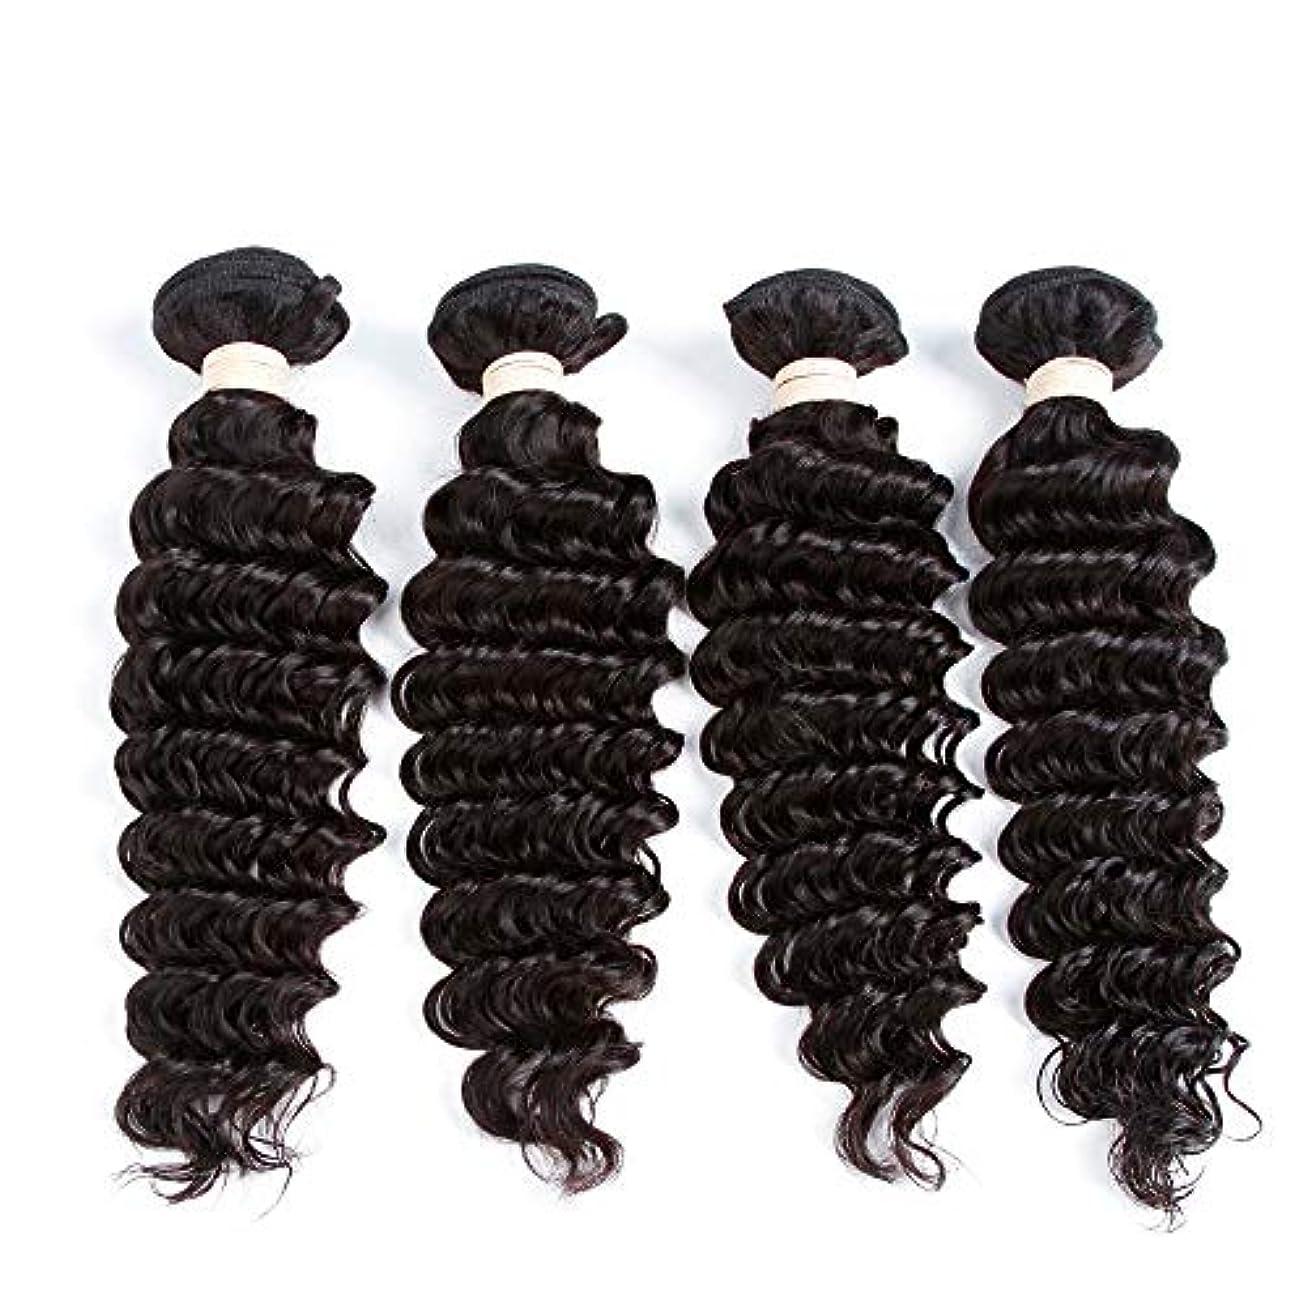 予言するアルプスおじさんWASAIO 8「-28」ブラジルのバージン毛人毛レースフロントウィッグ - #1Bナチュラルブラックカラー(1バンドル、50グラム) (色 : 黒, サイズ : 22 inch)